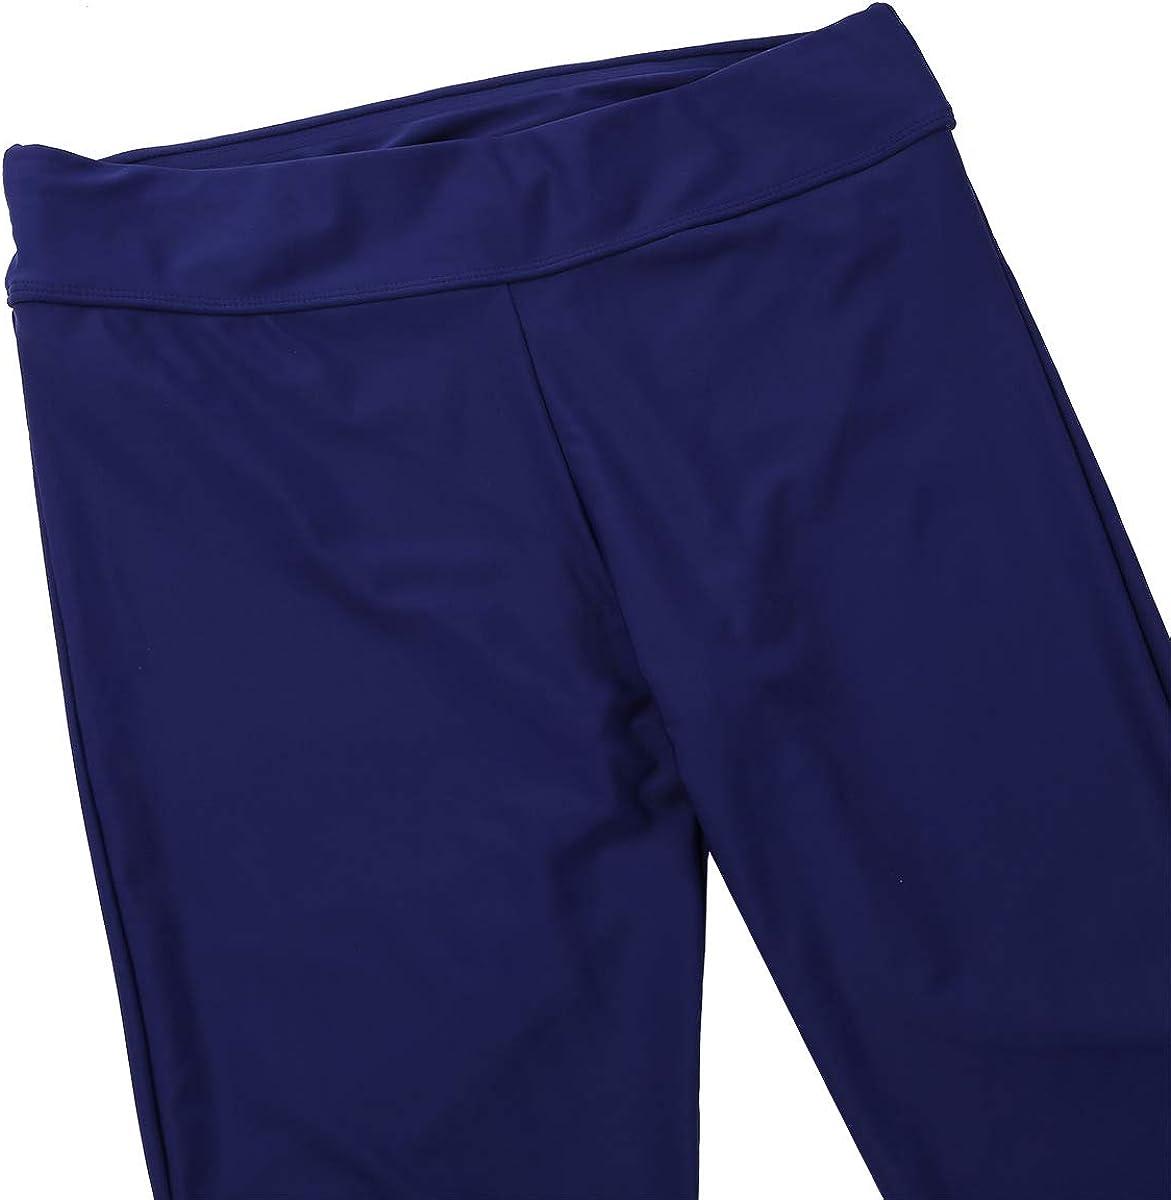 ranrann Short de Bain Femme Legging Sport Maillot de Bain Surf Piscine Plage Bermuda Slim Fit Bas de Maillot de Bain Taille Haute Collant Surf Natation Grande Taille S-XXXL